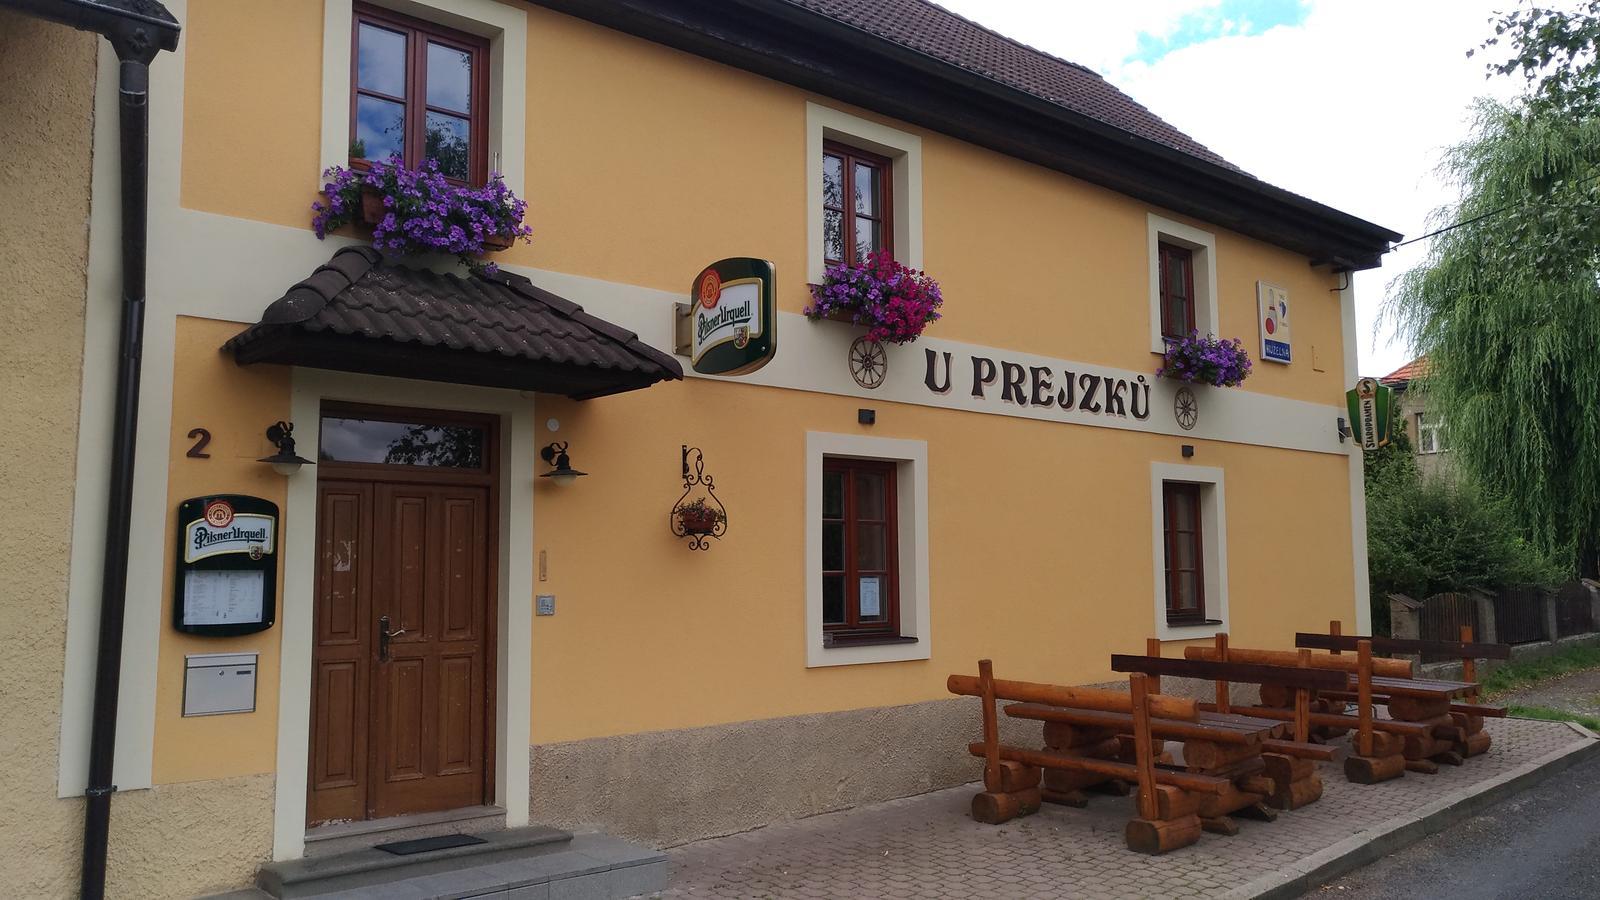 u_prejzku - Hostinec